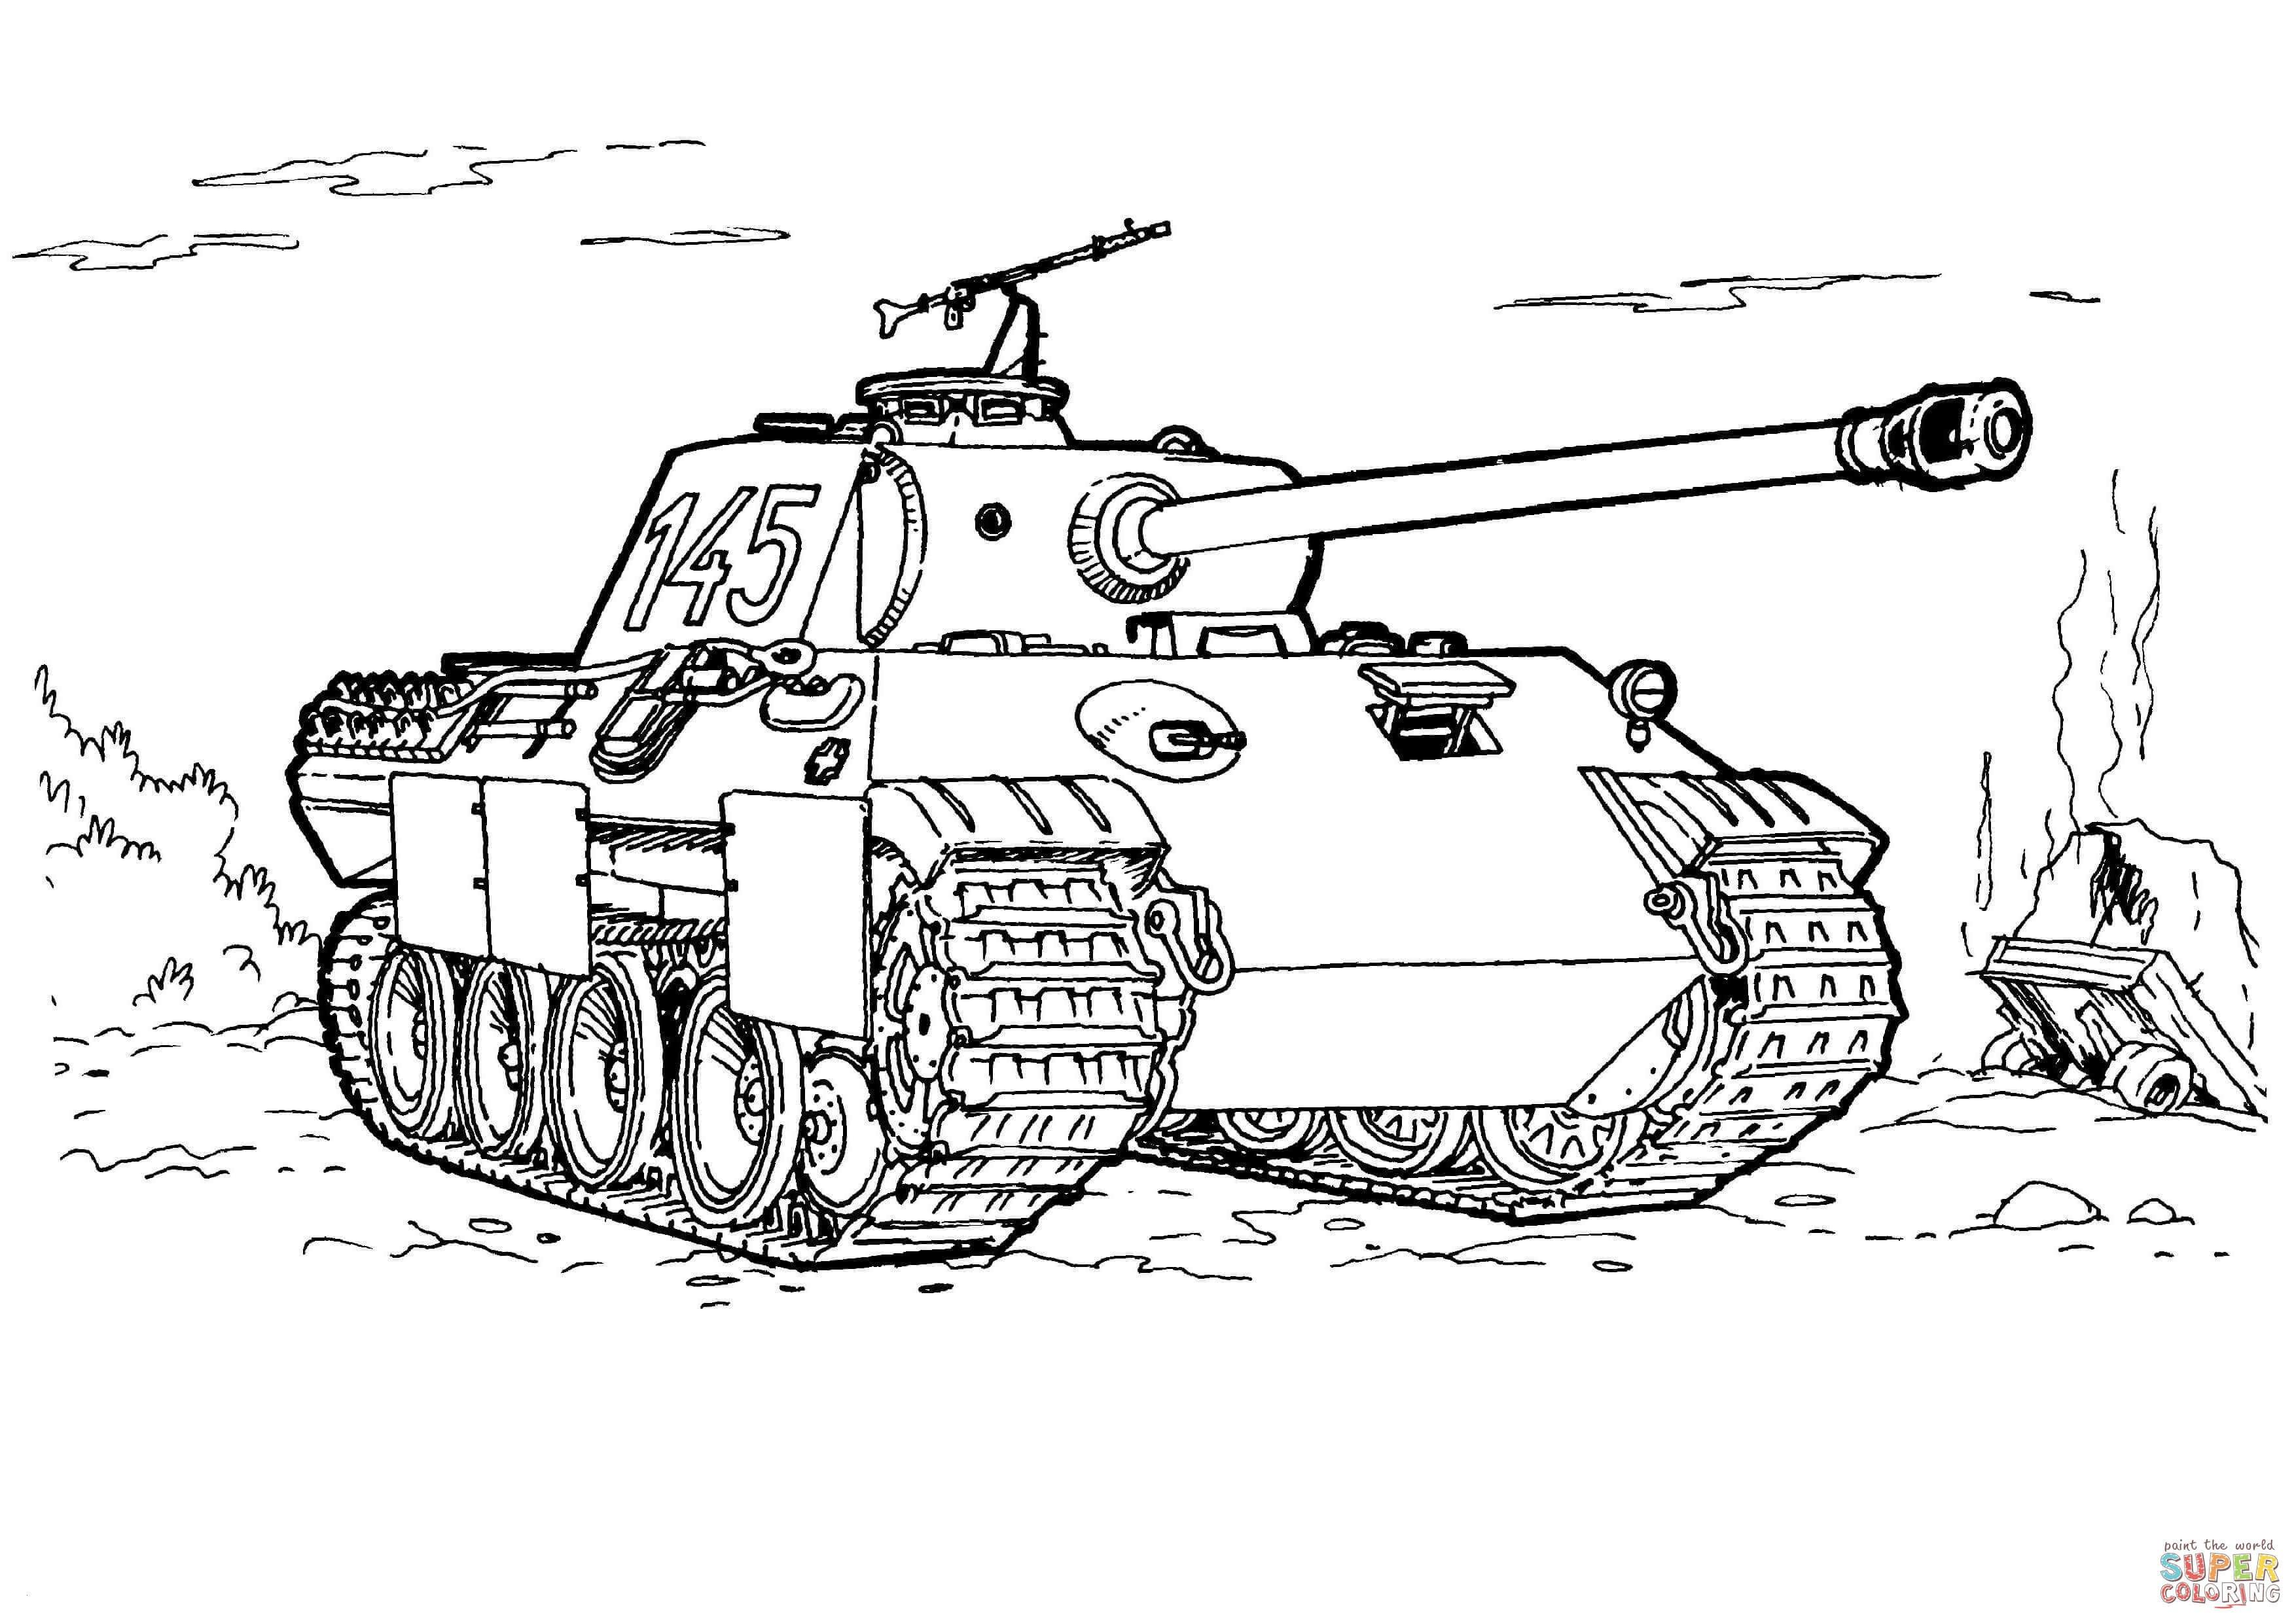 Panzer Zum Ausmalen Neu 40 Ausmalbilder Armee Scoredatscore Einzigartig Malvorlagen Panzer Sammlung